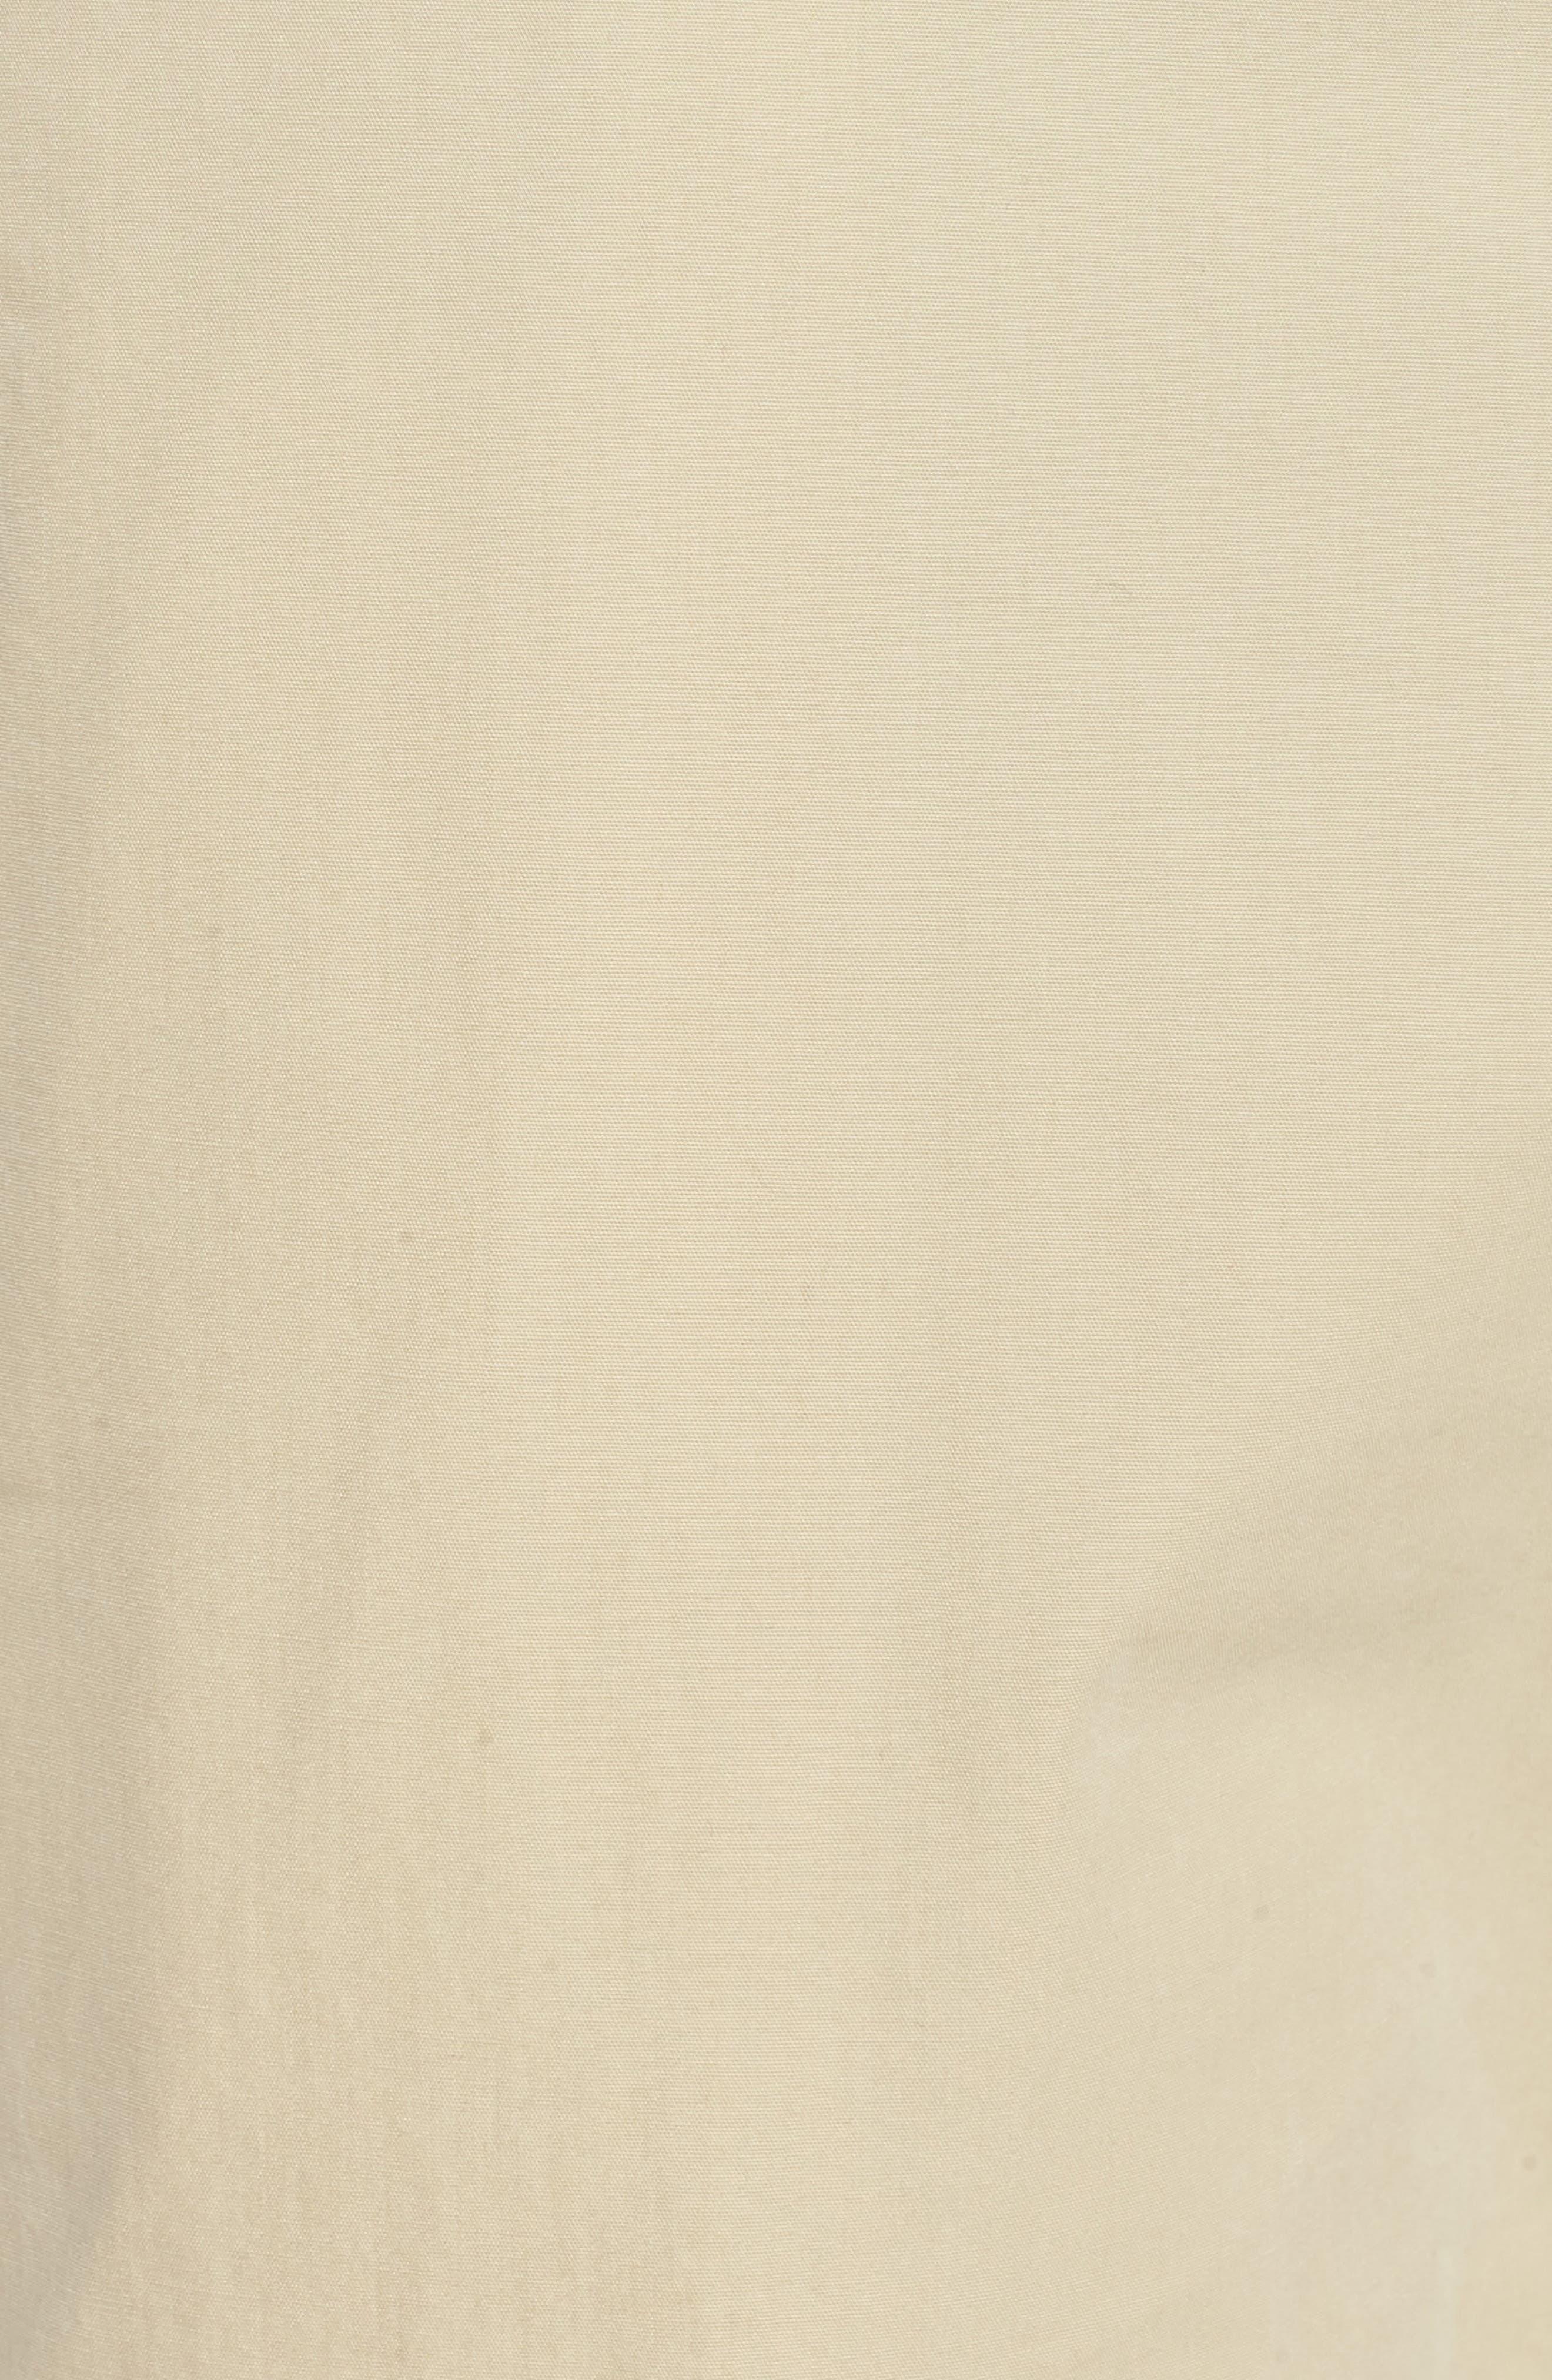 M2 Classic Fit Flat Front Tropical Cotton Poplin Pants,                             Alternate thumbnail 5, color,                             Khaki